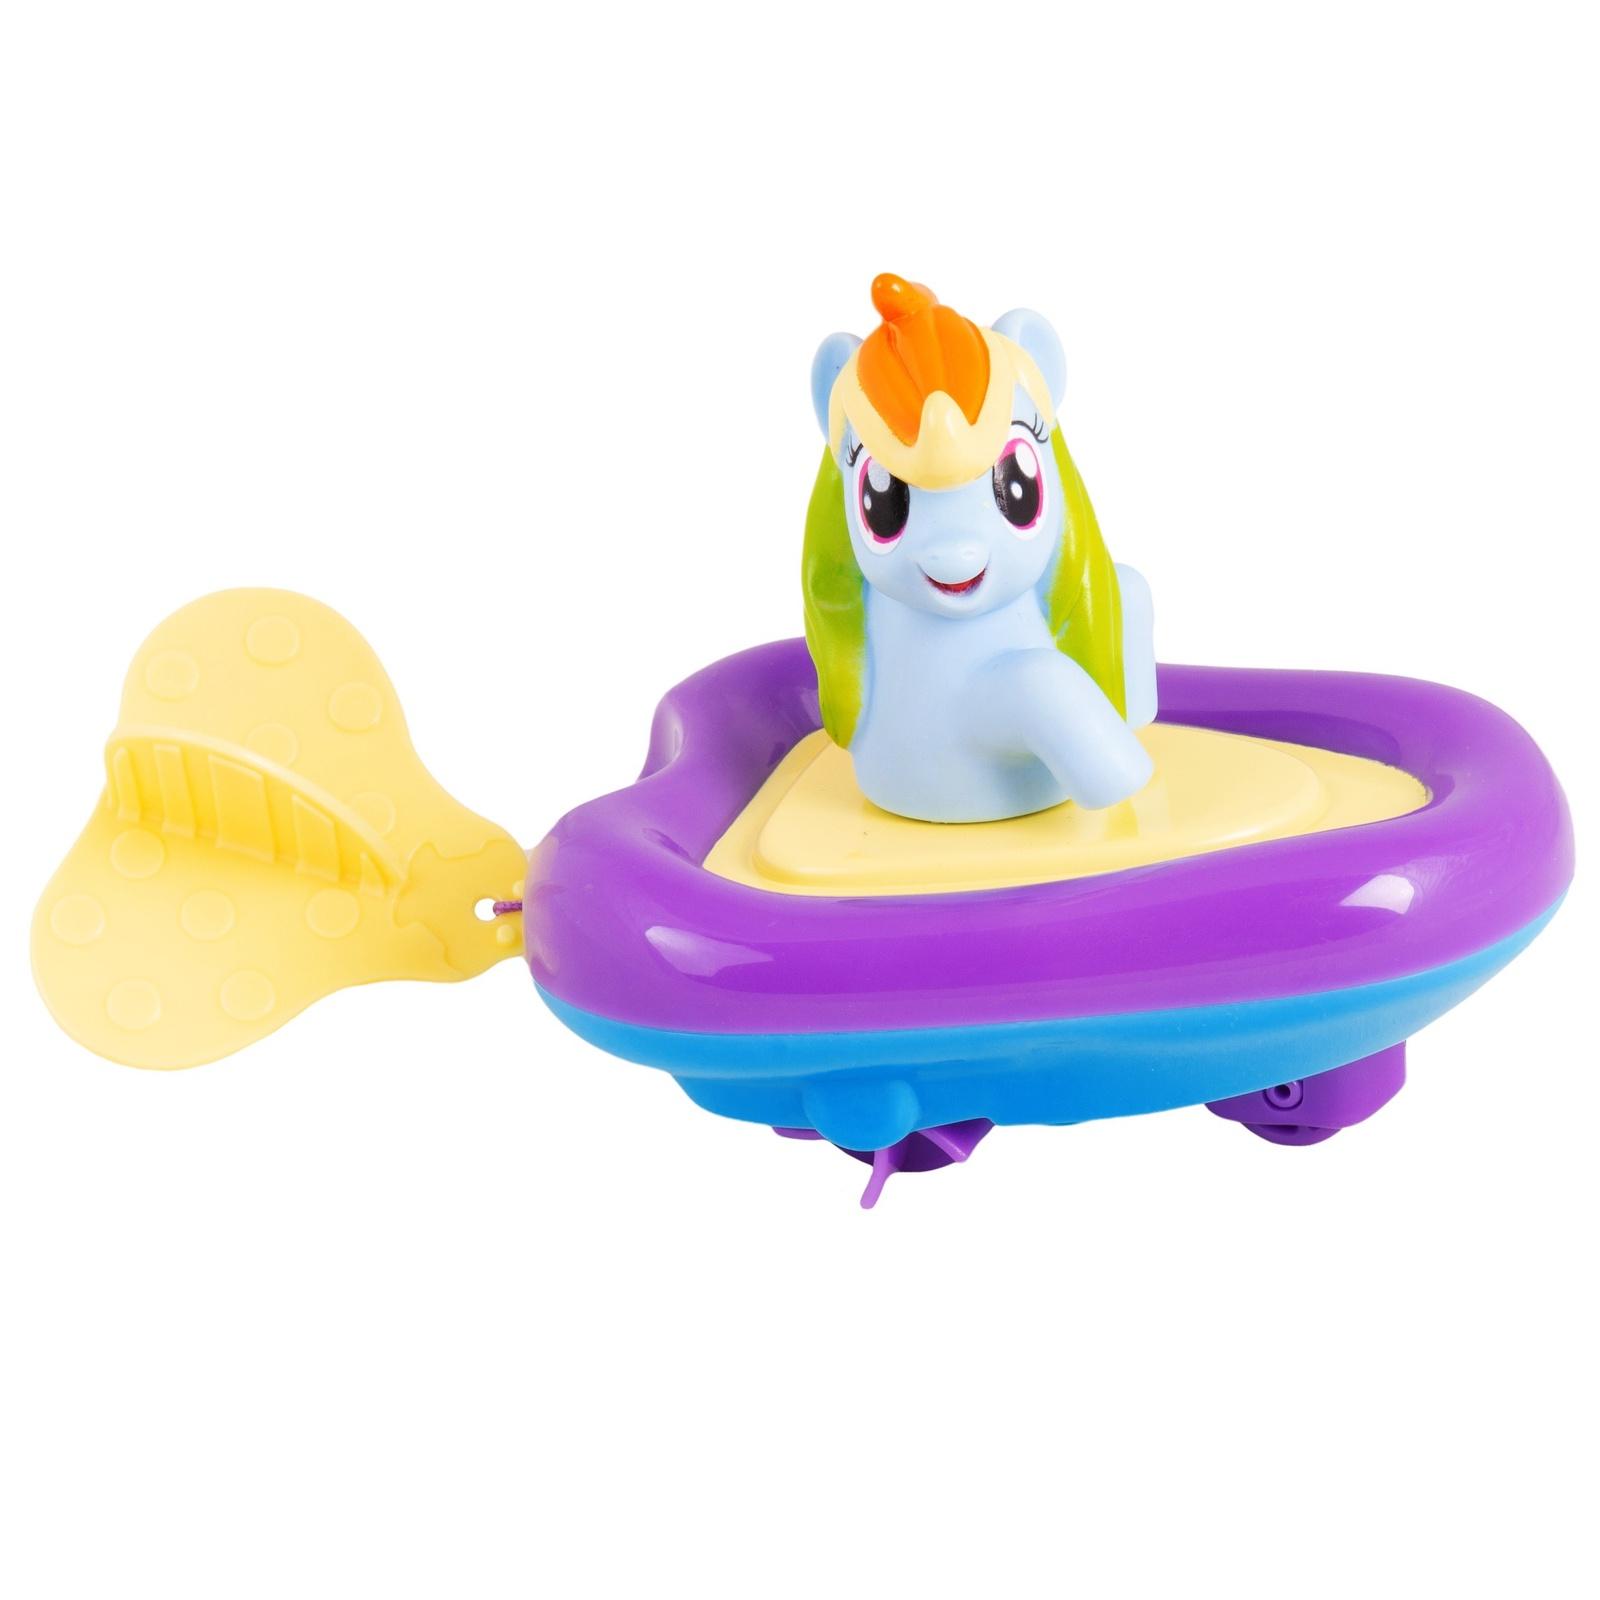 """Игрушка для ванной Мой маленький пони Игровой набор для ванной """"Рейнбоу Дэш в заводной лодочке"""", 35600 голубой, фиолетовый, желтый"""